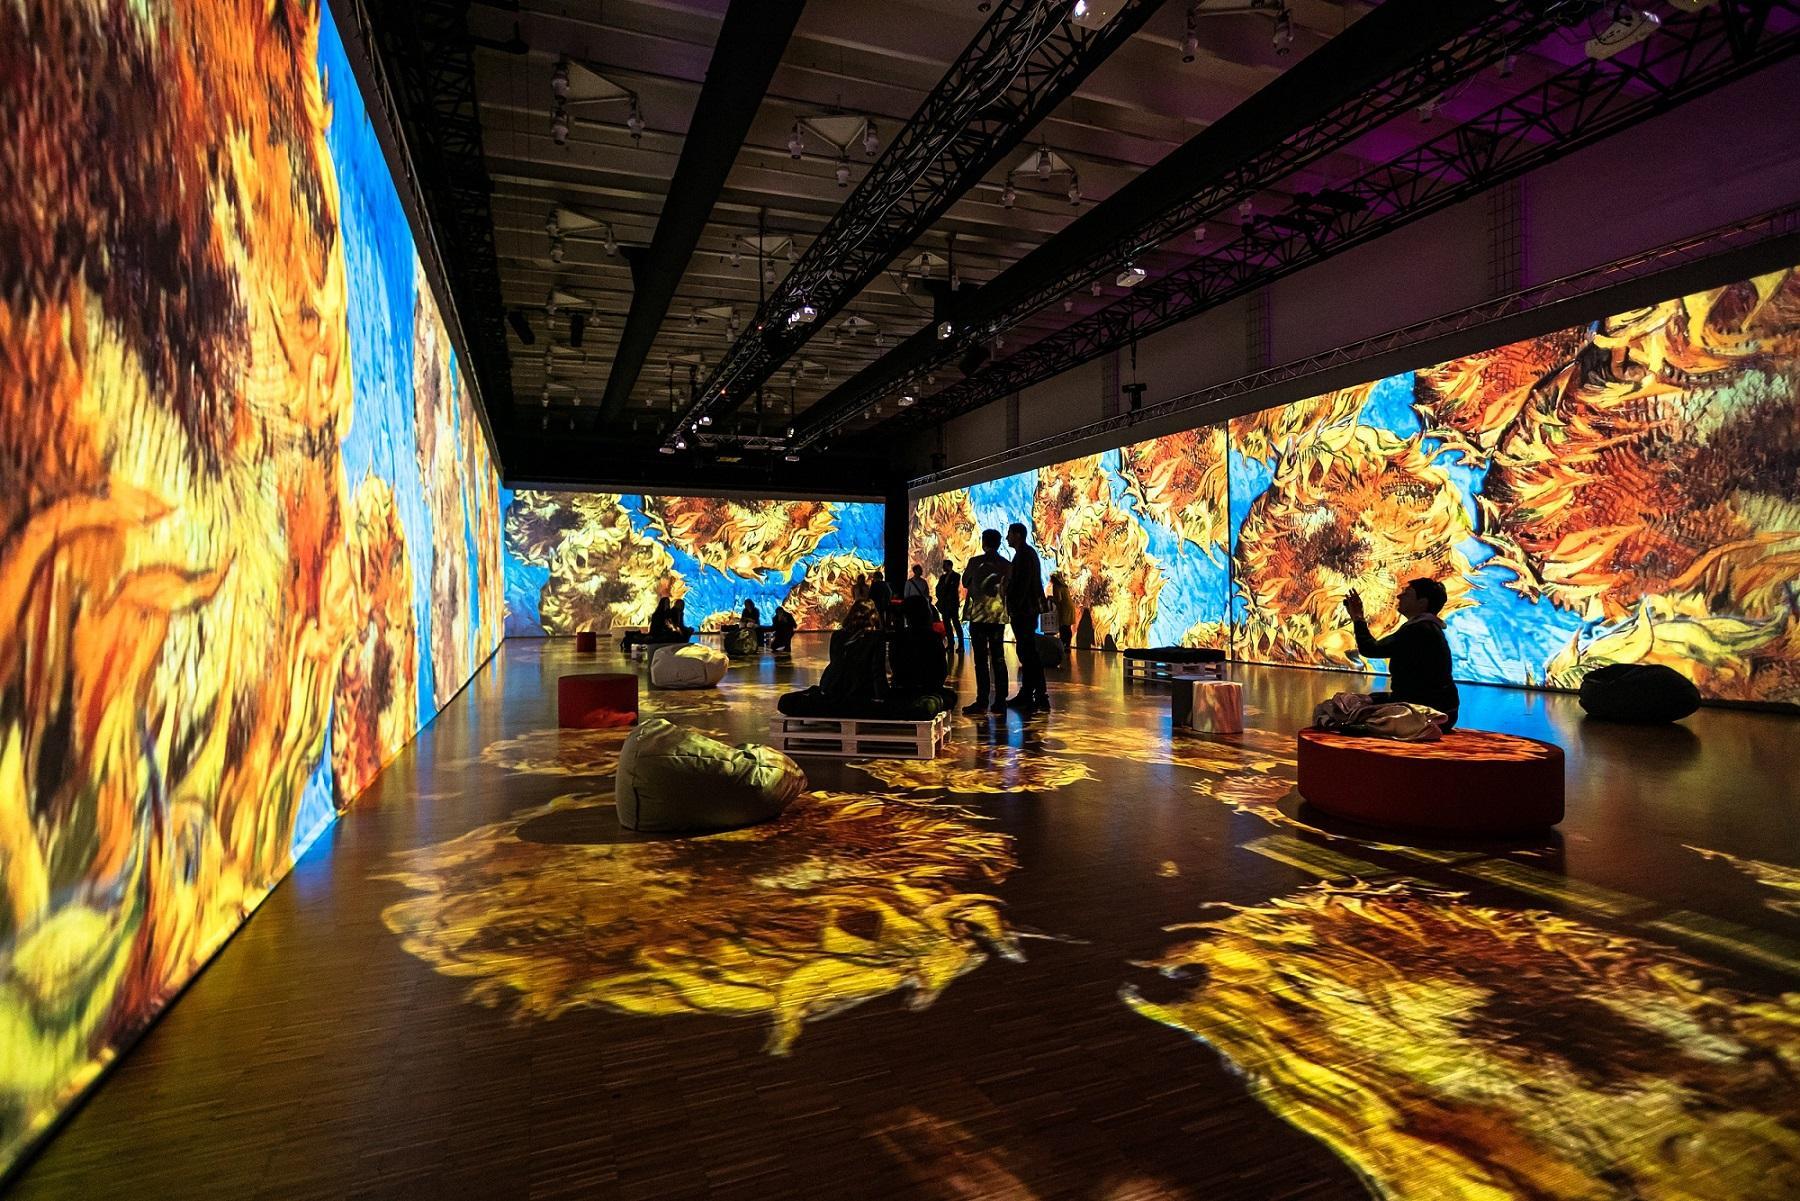 گالری هنر دیجیتال دبی